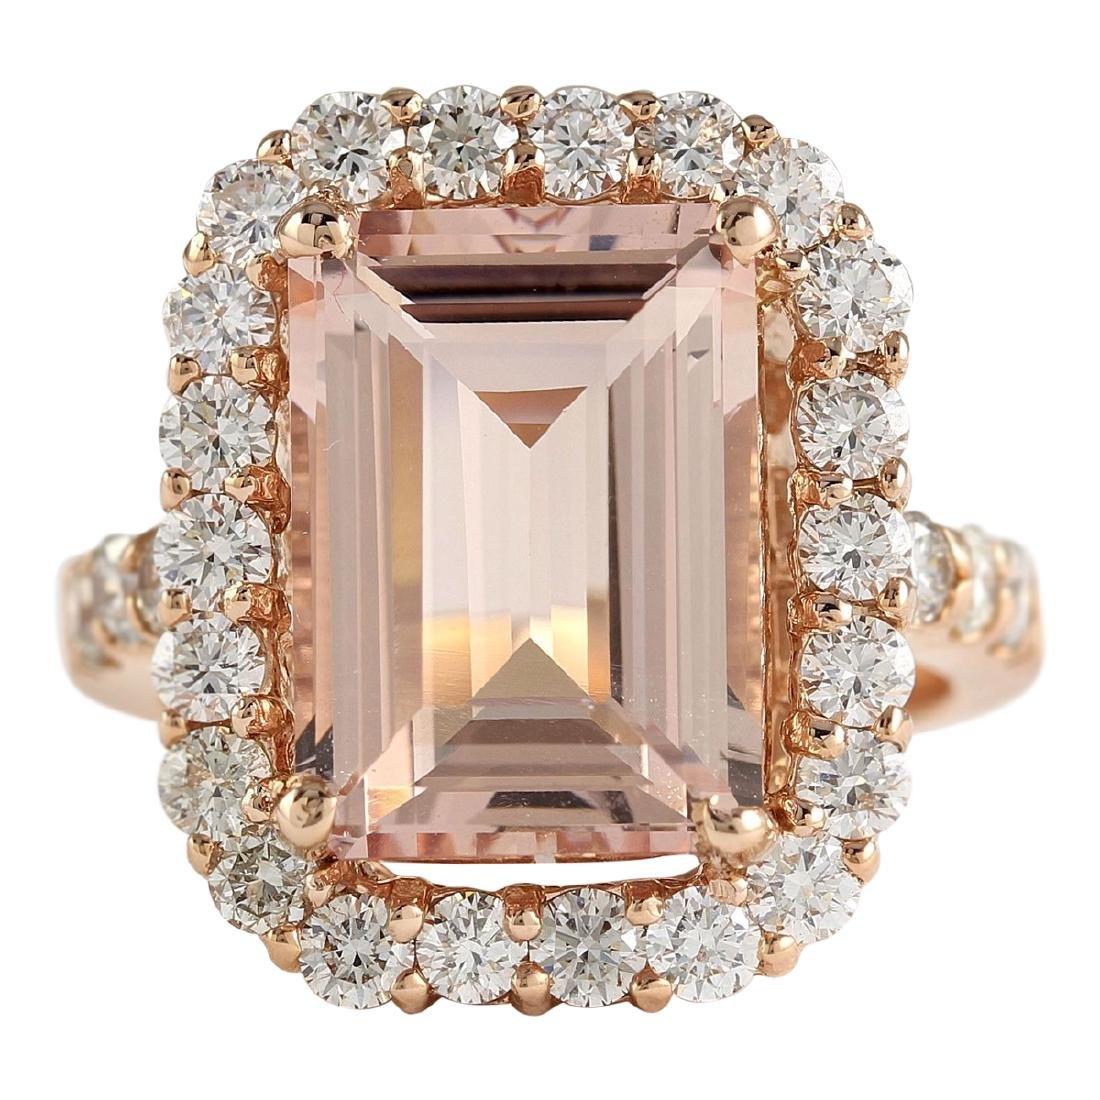 8.33 CTW Natural Morganite And Diamond Ring In 18K Rose